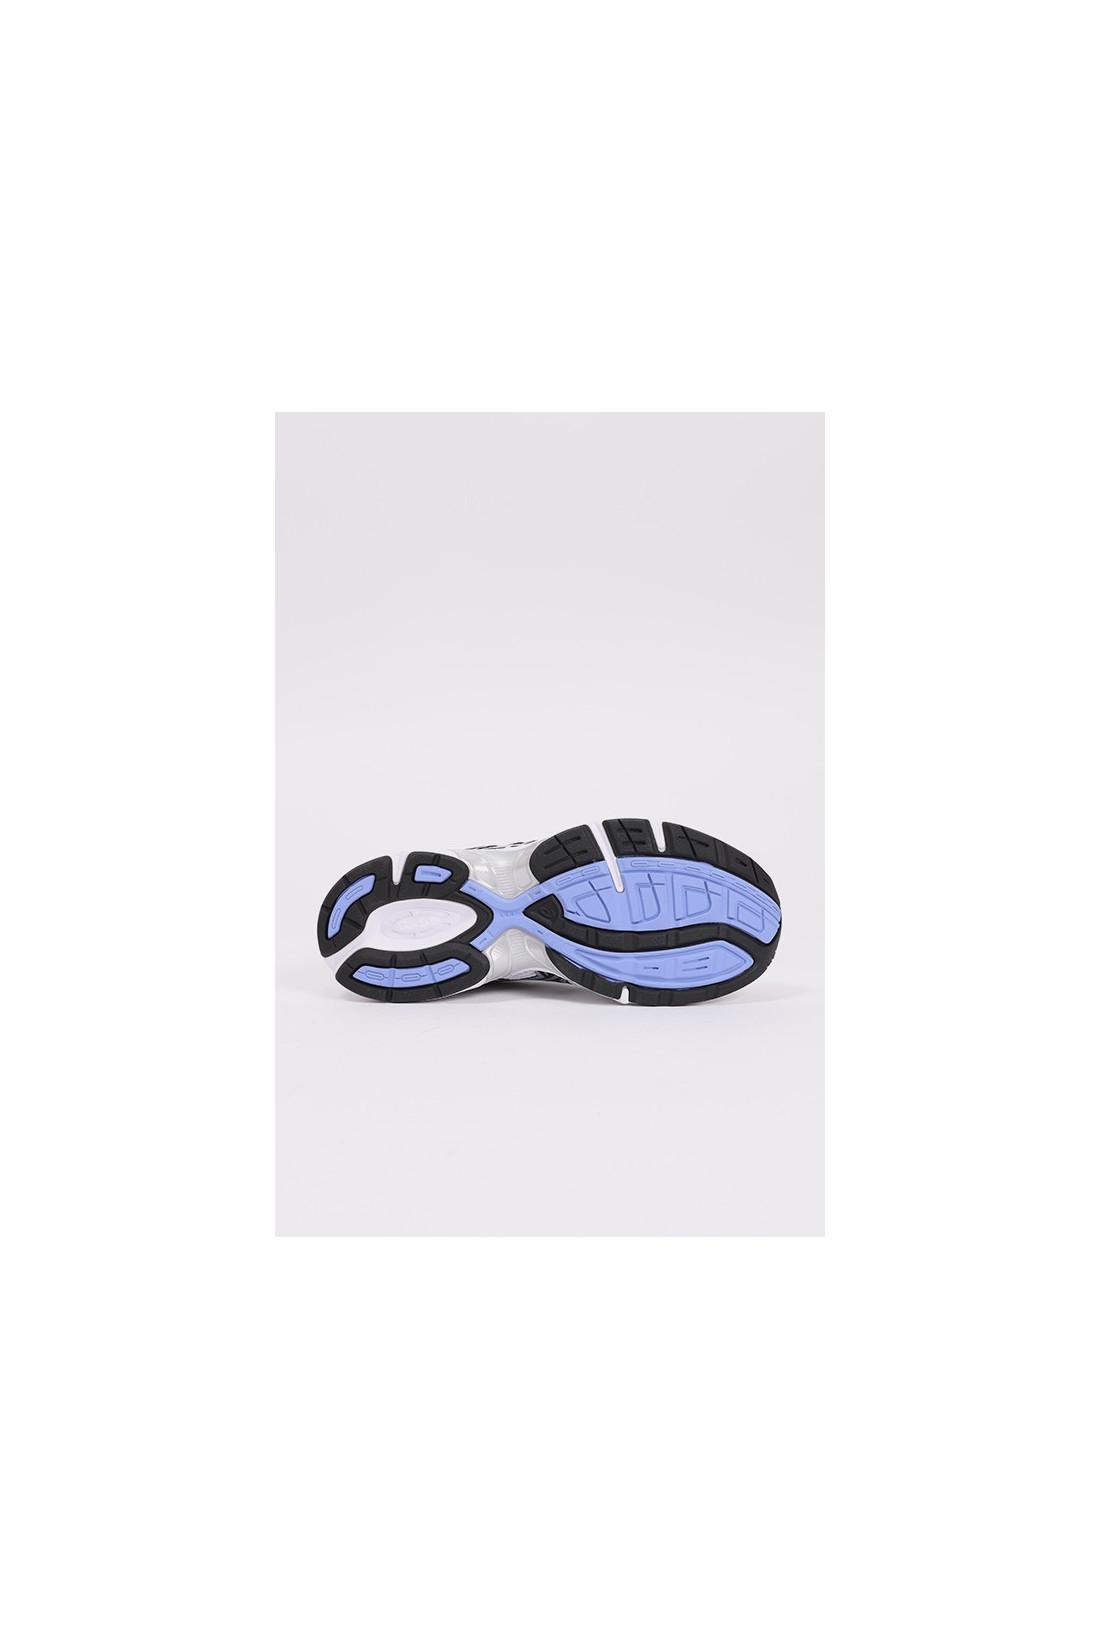 ASICS / Gel-1130 White/periwinkle blu